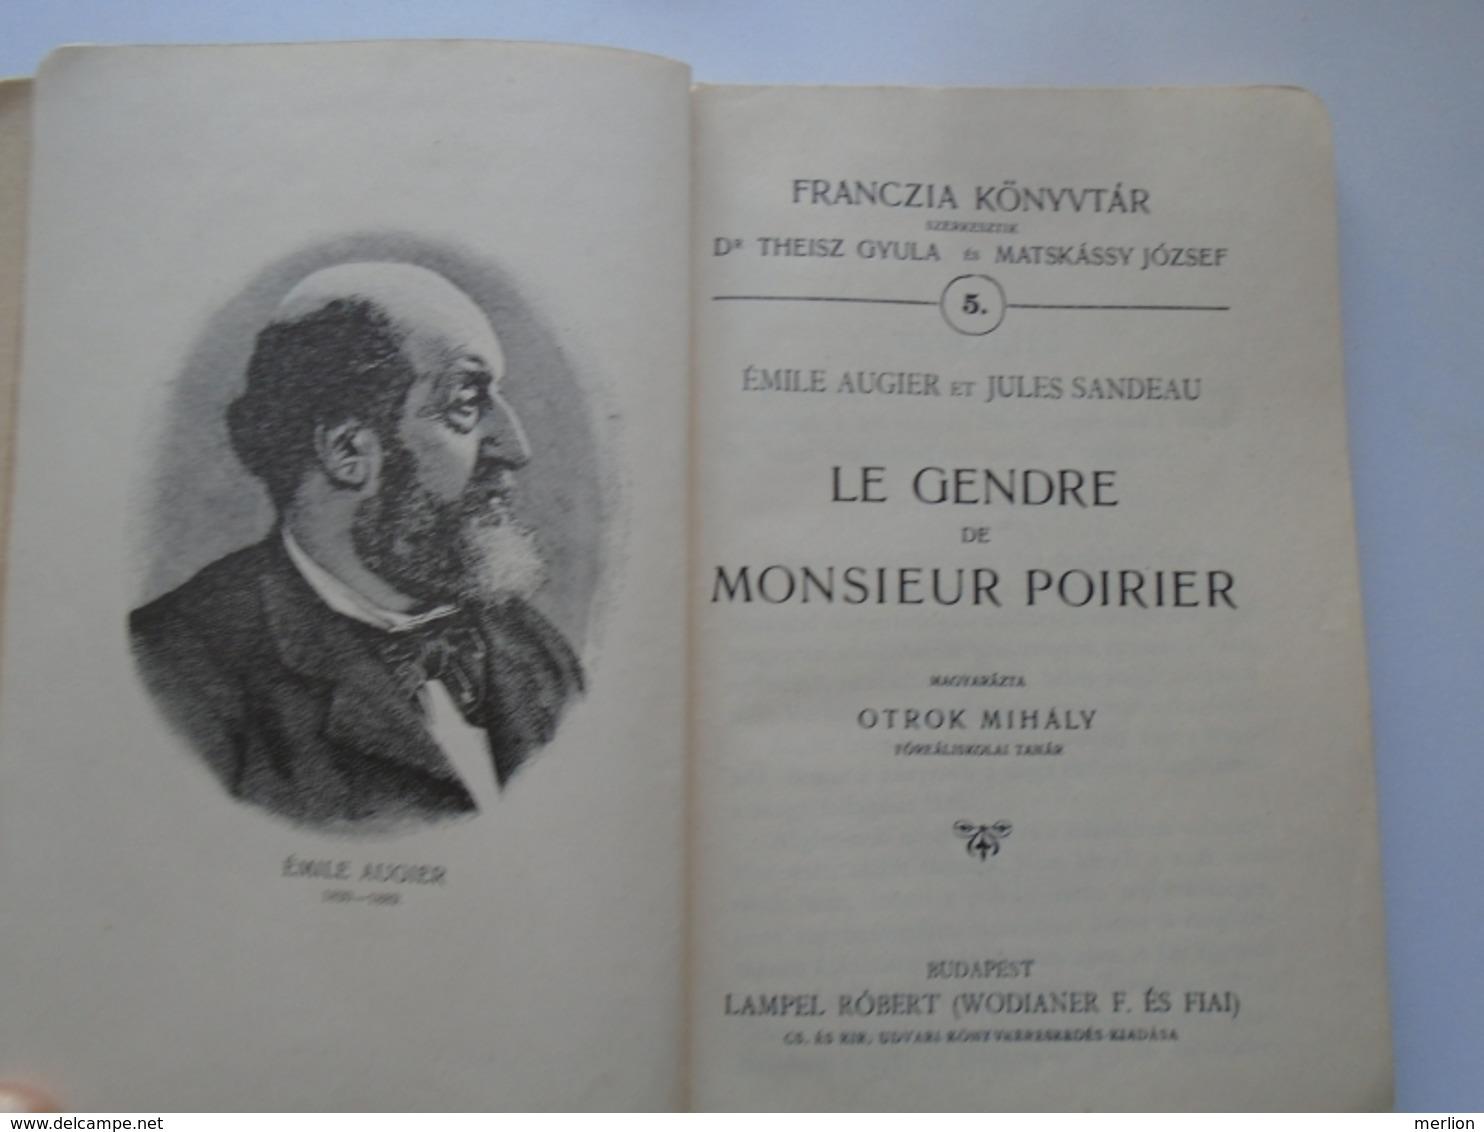 D157544  Emile Augier Et Jules Sandeau -Le Gendre De Monsieur Poirier - Hungary  Budapest With Hungarian Presentation - Livres, BD, Revues